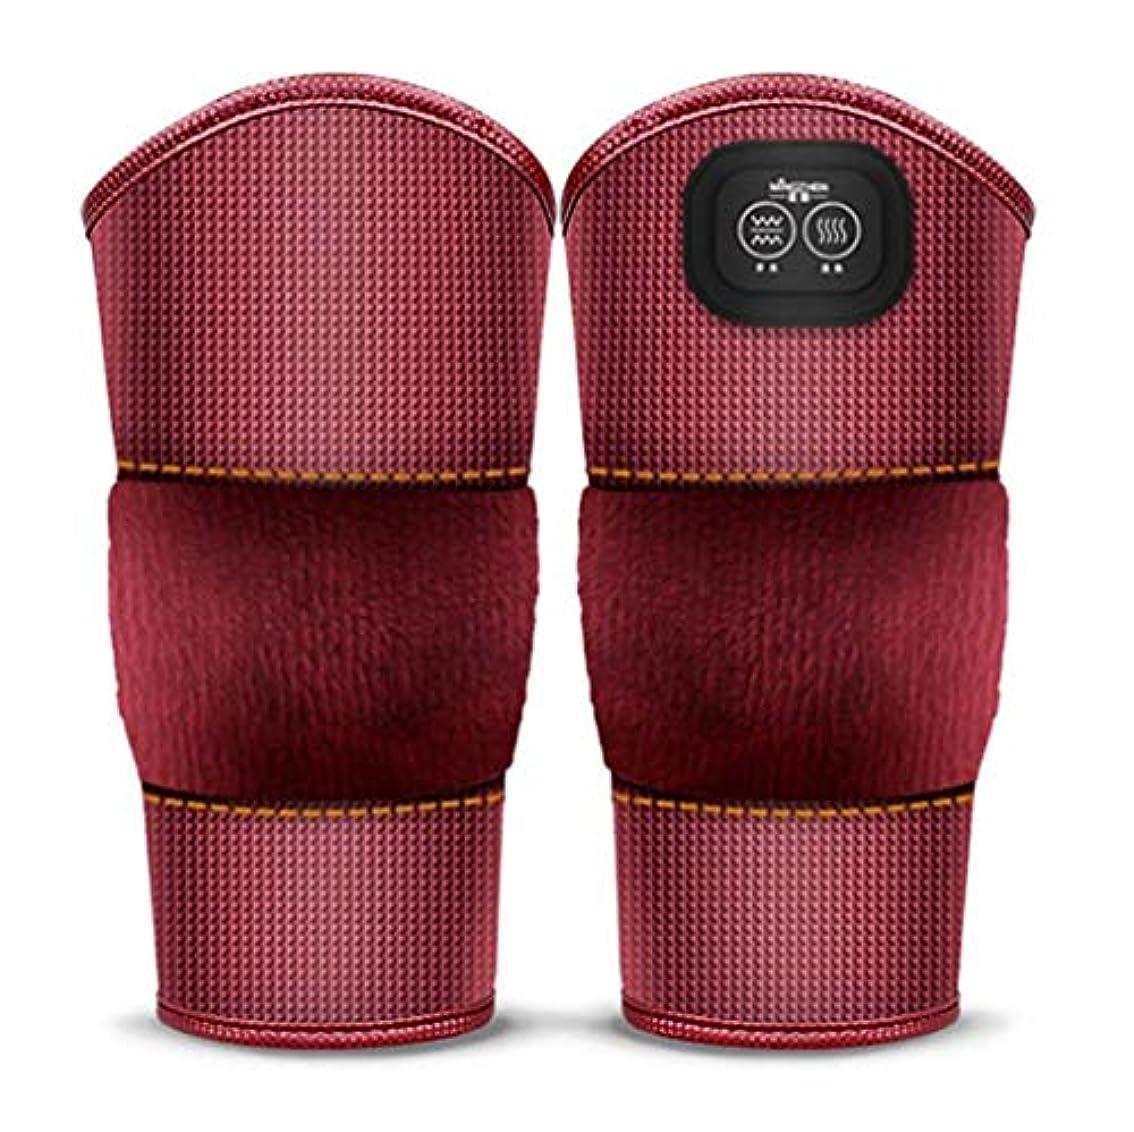 に対処する電話に出る大事にするマッサージ加熱膝ブレースラップ、プロフェッショナルな膝サポートパッド、膝捻挫の痛み、関節炎の痛み、古い冷たい脚の関節痛